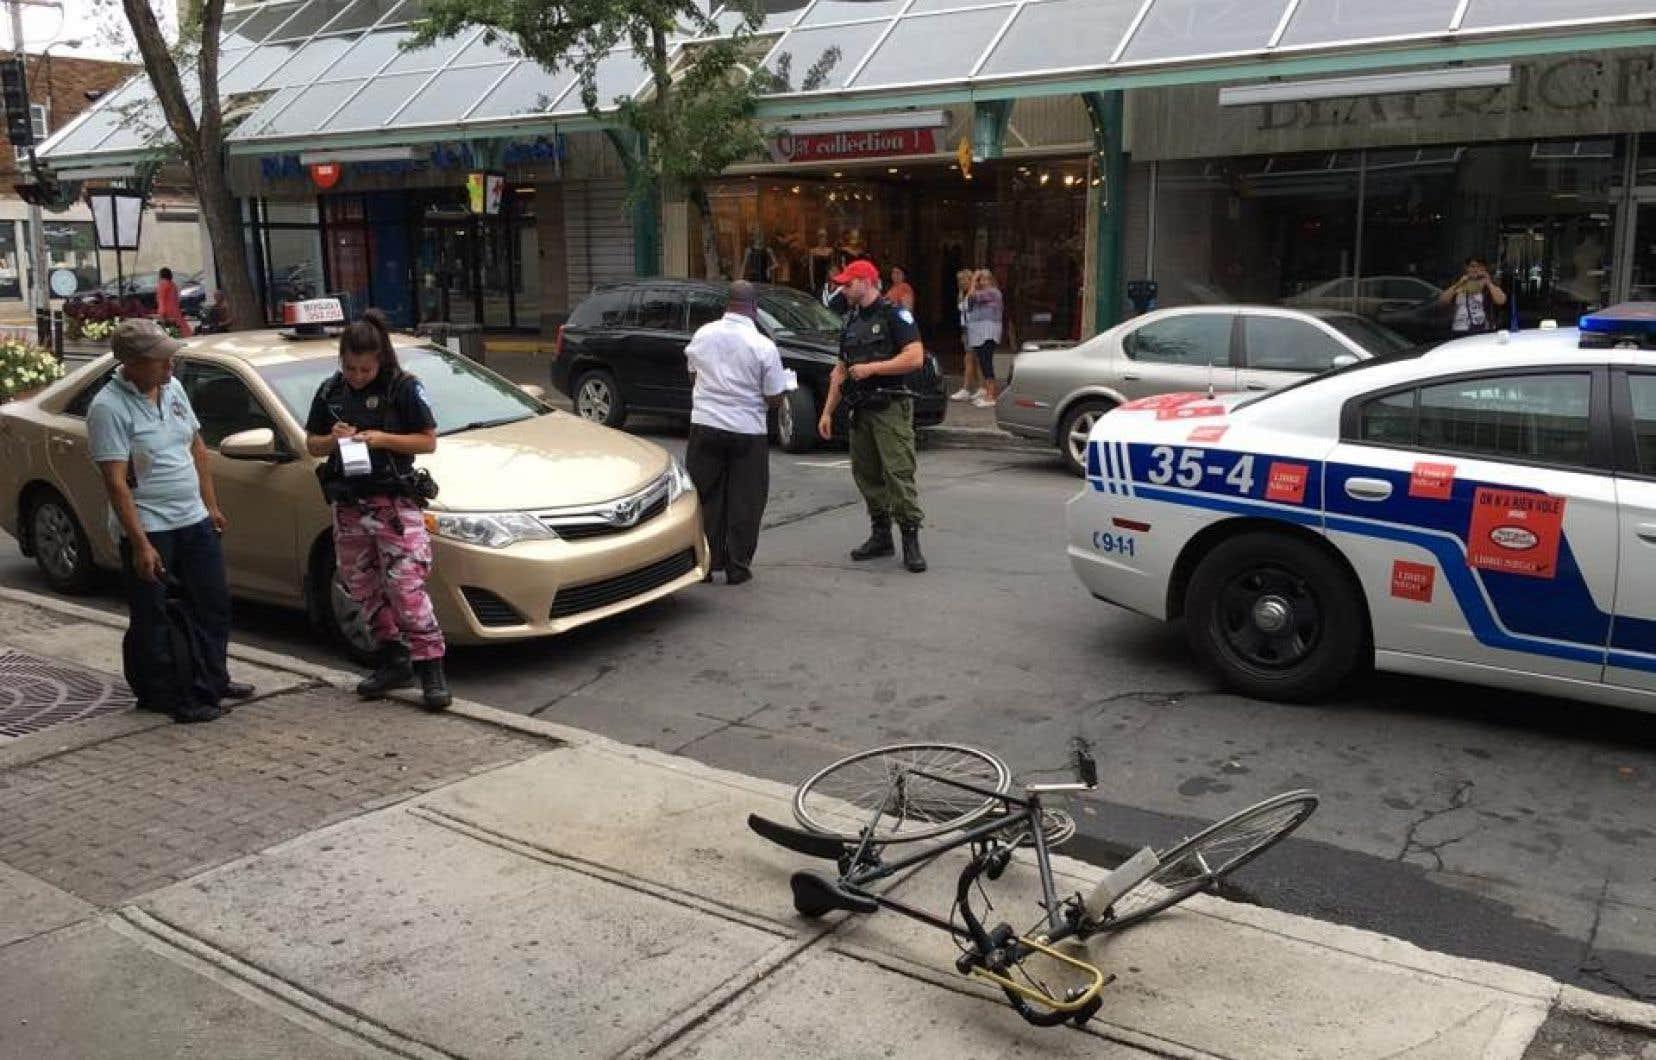 Des patrouilleurs ont donné une contravention à l'automobiliste après un accident sur la Plaza Saint-Hubert, jeudi dernier. Seule une ambulance avait été dépêchée sur les lieux après l'appel au 911.